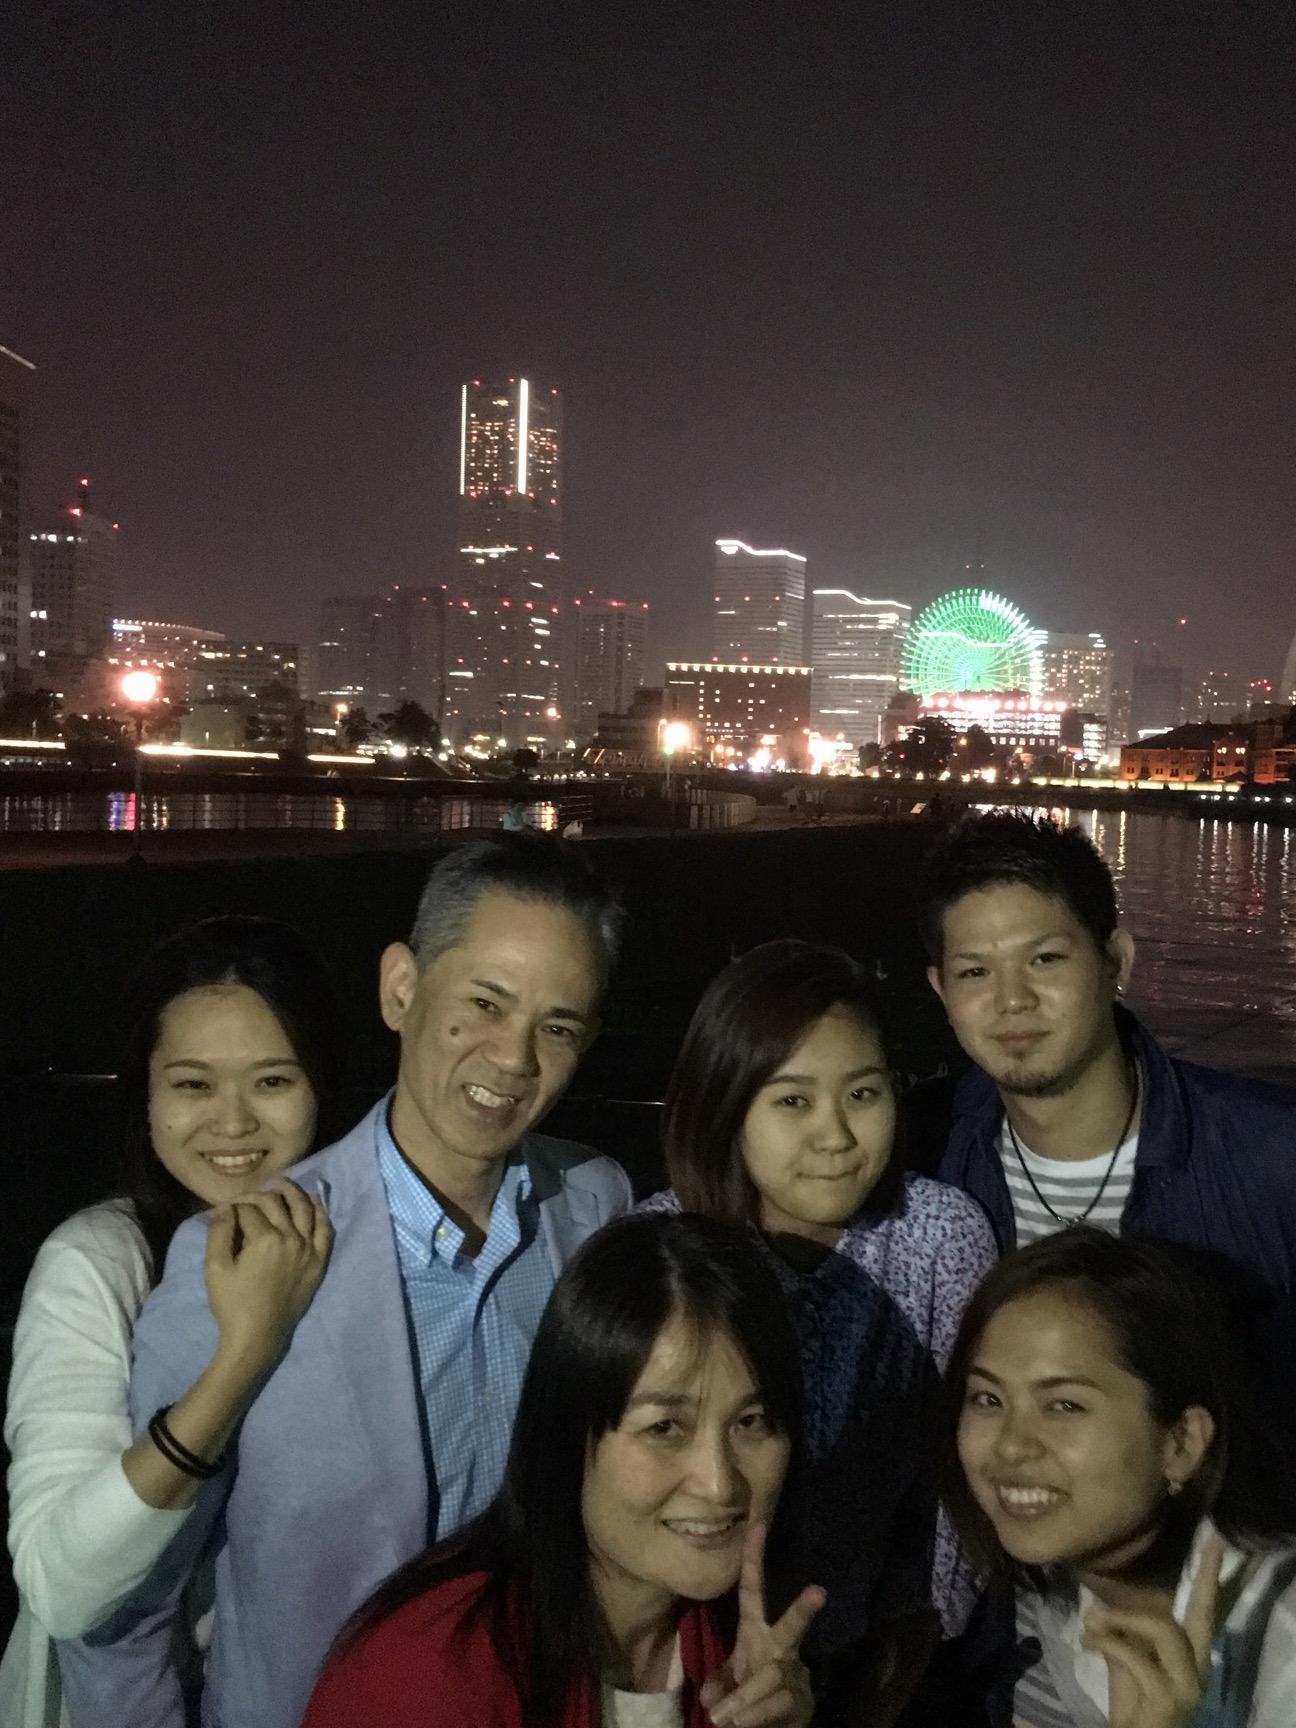 土曜日の講演会が終わって 向かった先は、宿泊予定の横浜✨ 東京円隣スタッフの真理さんから 粋なプレゼント? 宿泊するホテルを対岸から観てチェックインする 金城ファミリー✨の 初の家族旅行のスタートは、、、実はここからスタートしたのです。 みんなの想いが溢れてるプレゼントです。